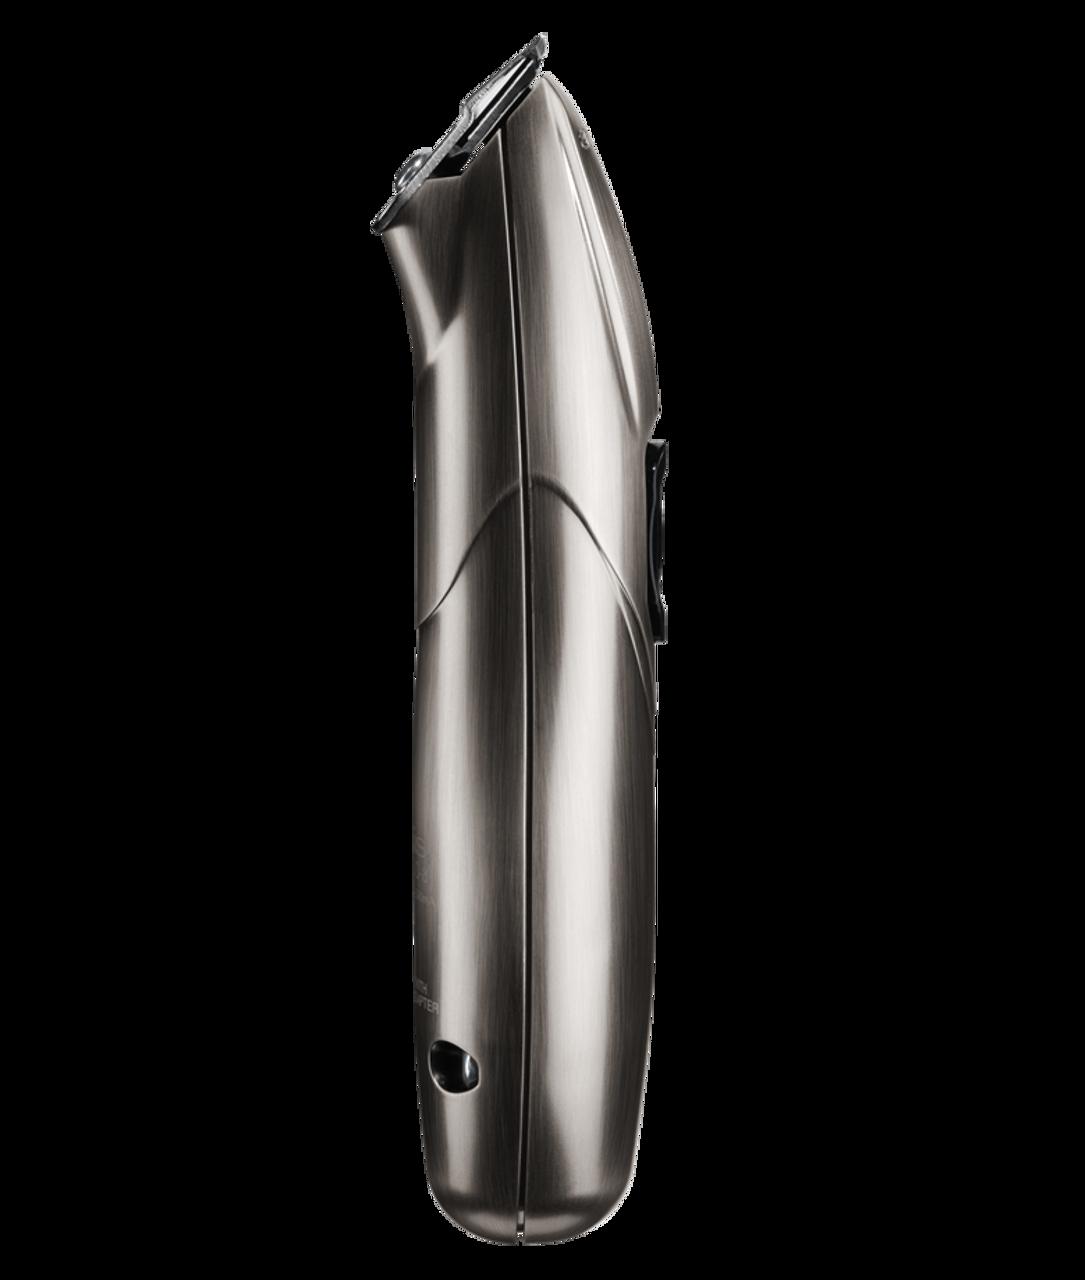 Andis Slimline Pro GTX Trimmer